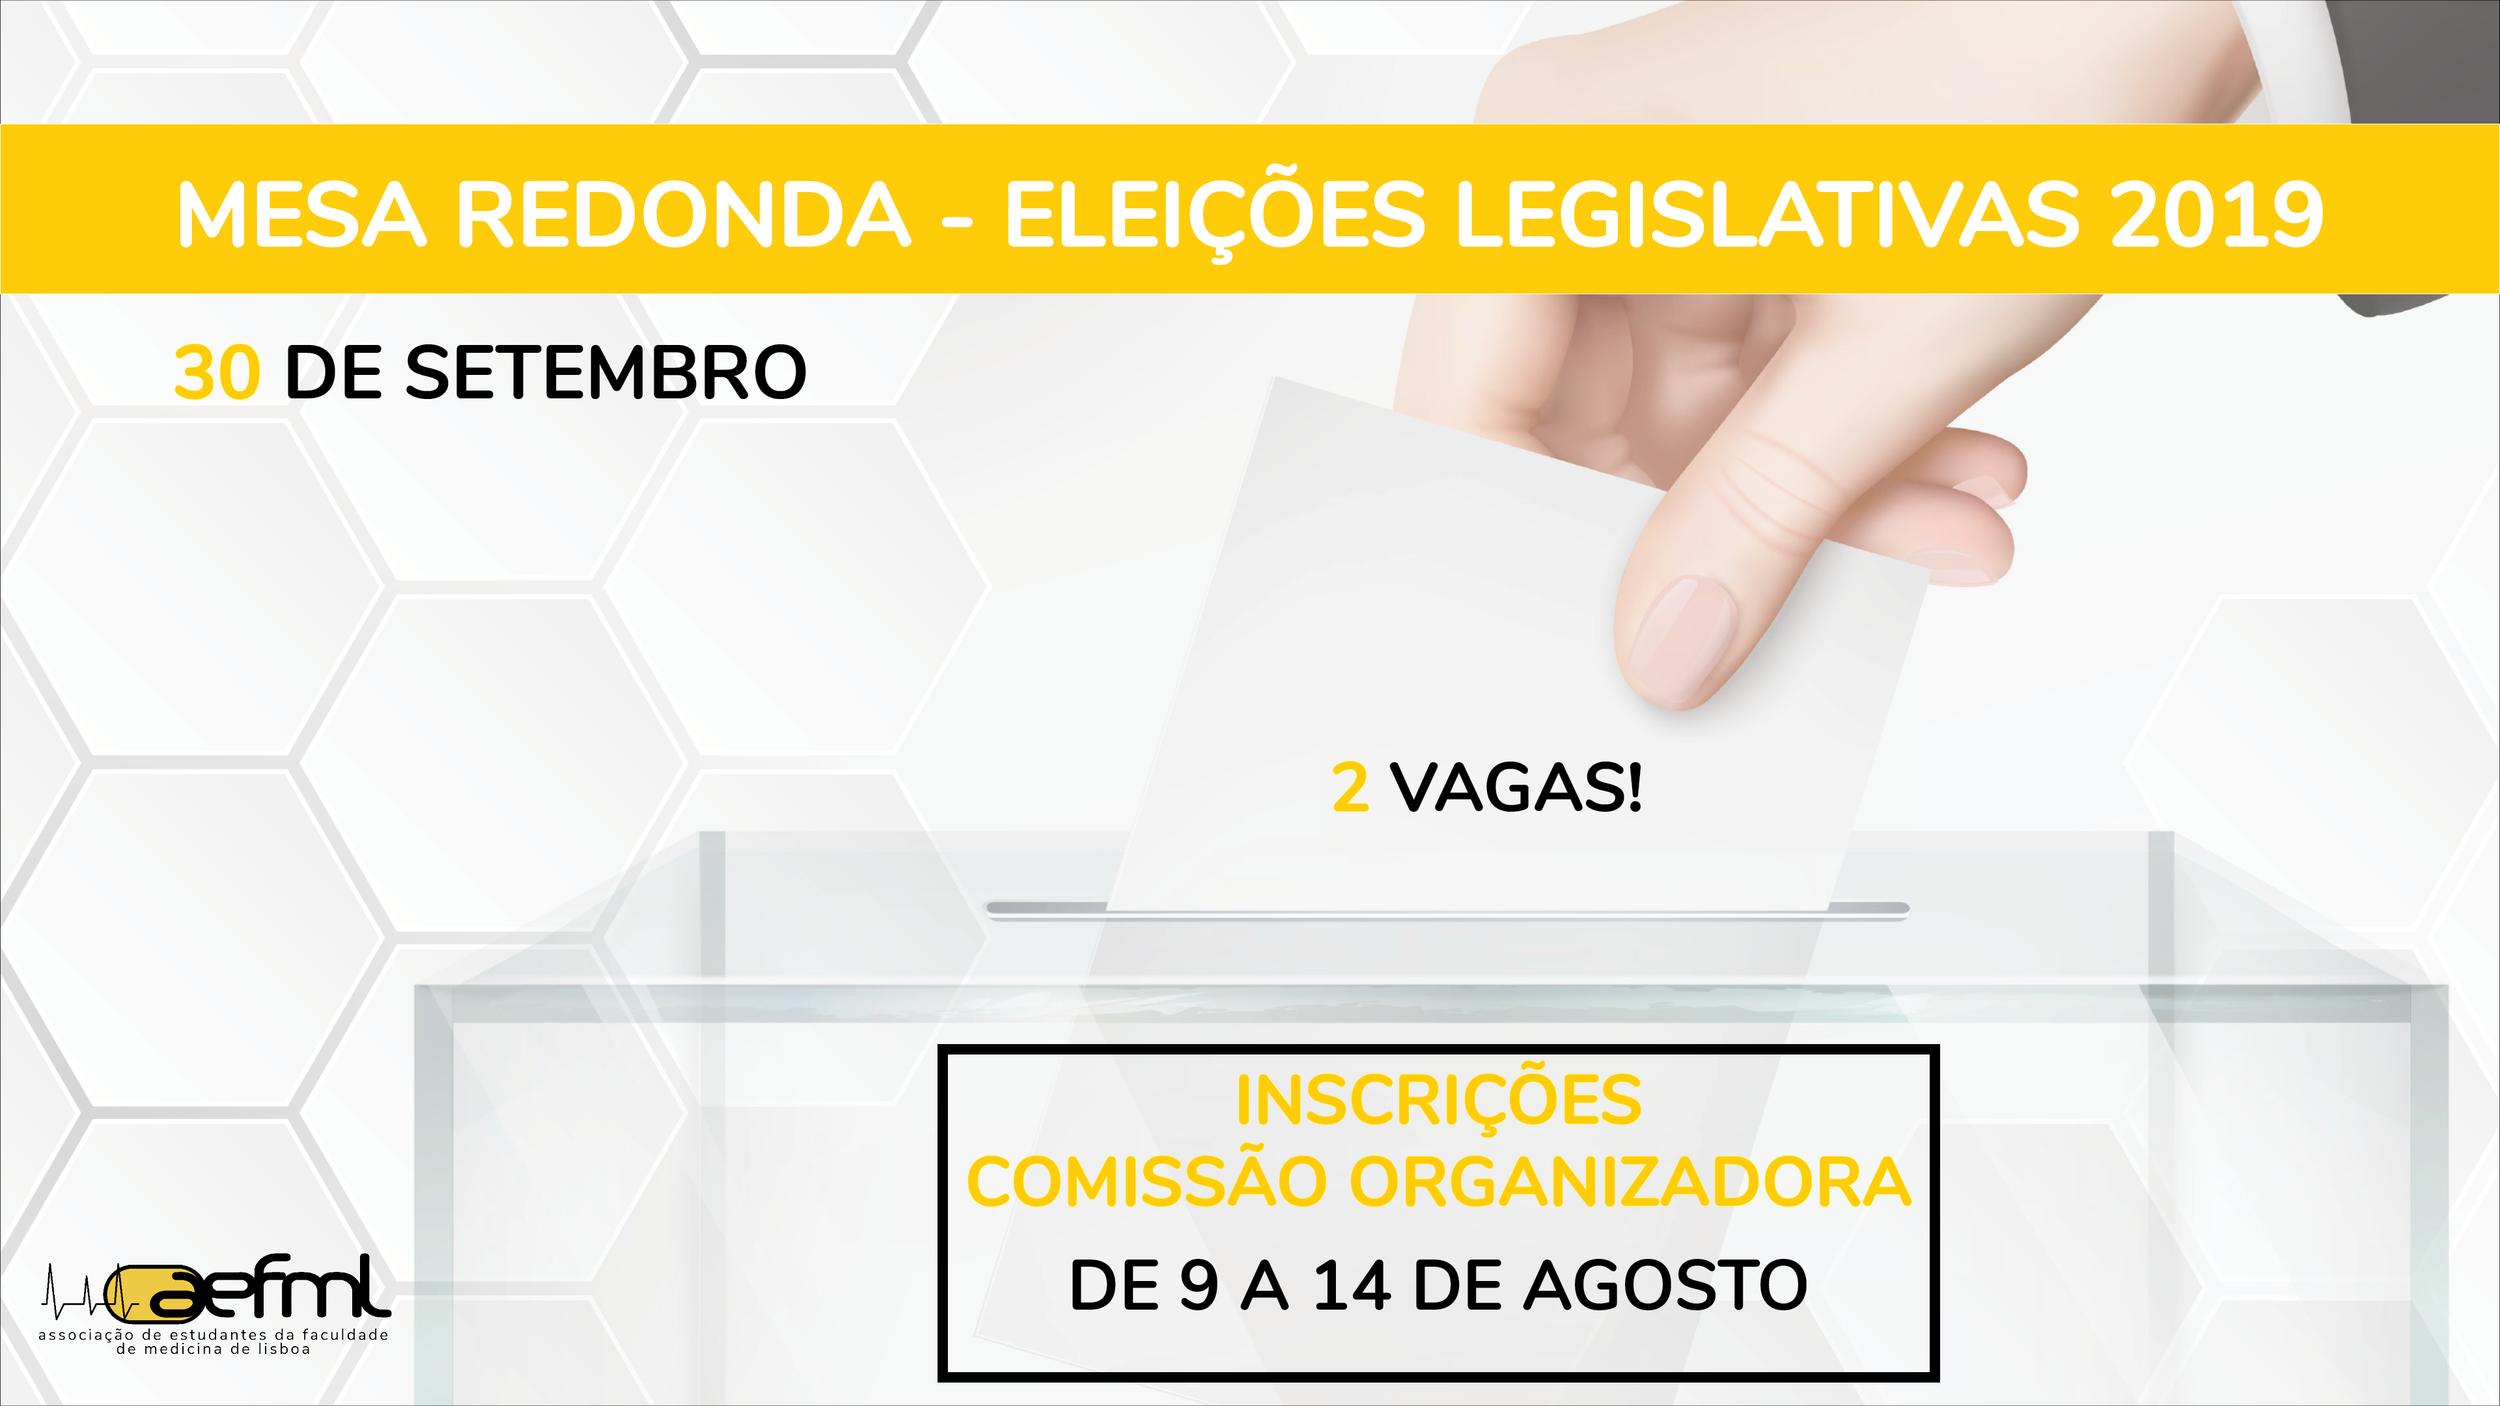 Comemorando os  105 anos de existência da AEFML , no  dia 30 de setembro  de 2019, a AEFML organizará uma  Mesa Redonda  sobre as Eleições Legislativas de 2019.  Para a mesma, gostaríamos muito de contar com a tua ajuda!  Candidata-te a esta nova Comissão Organizadora  até ao dia 14 de agosto  pelas  23h59 , preenchendo   este formulário  .  Qualquer dúvida ou questão, contacta o seguinte email -  politicaeducativa@aefml.pt